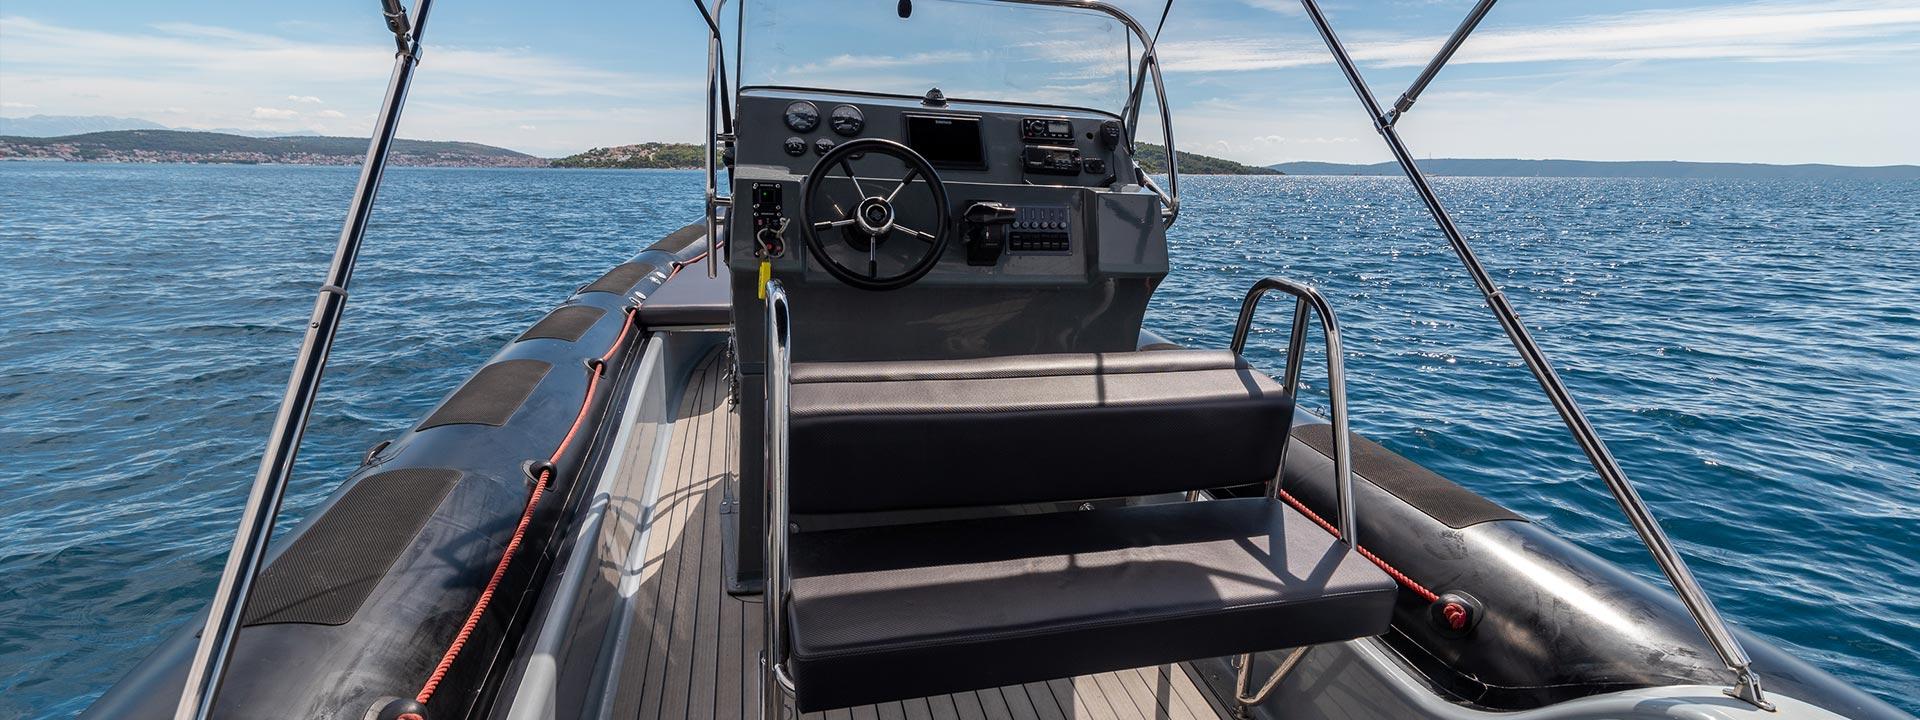 mayer-charter-boat-header-valiant-760-sport-04